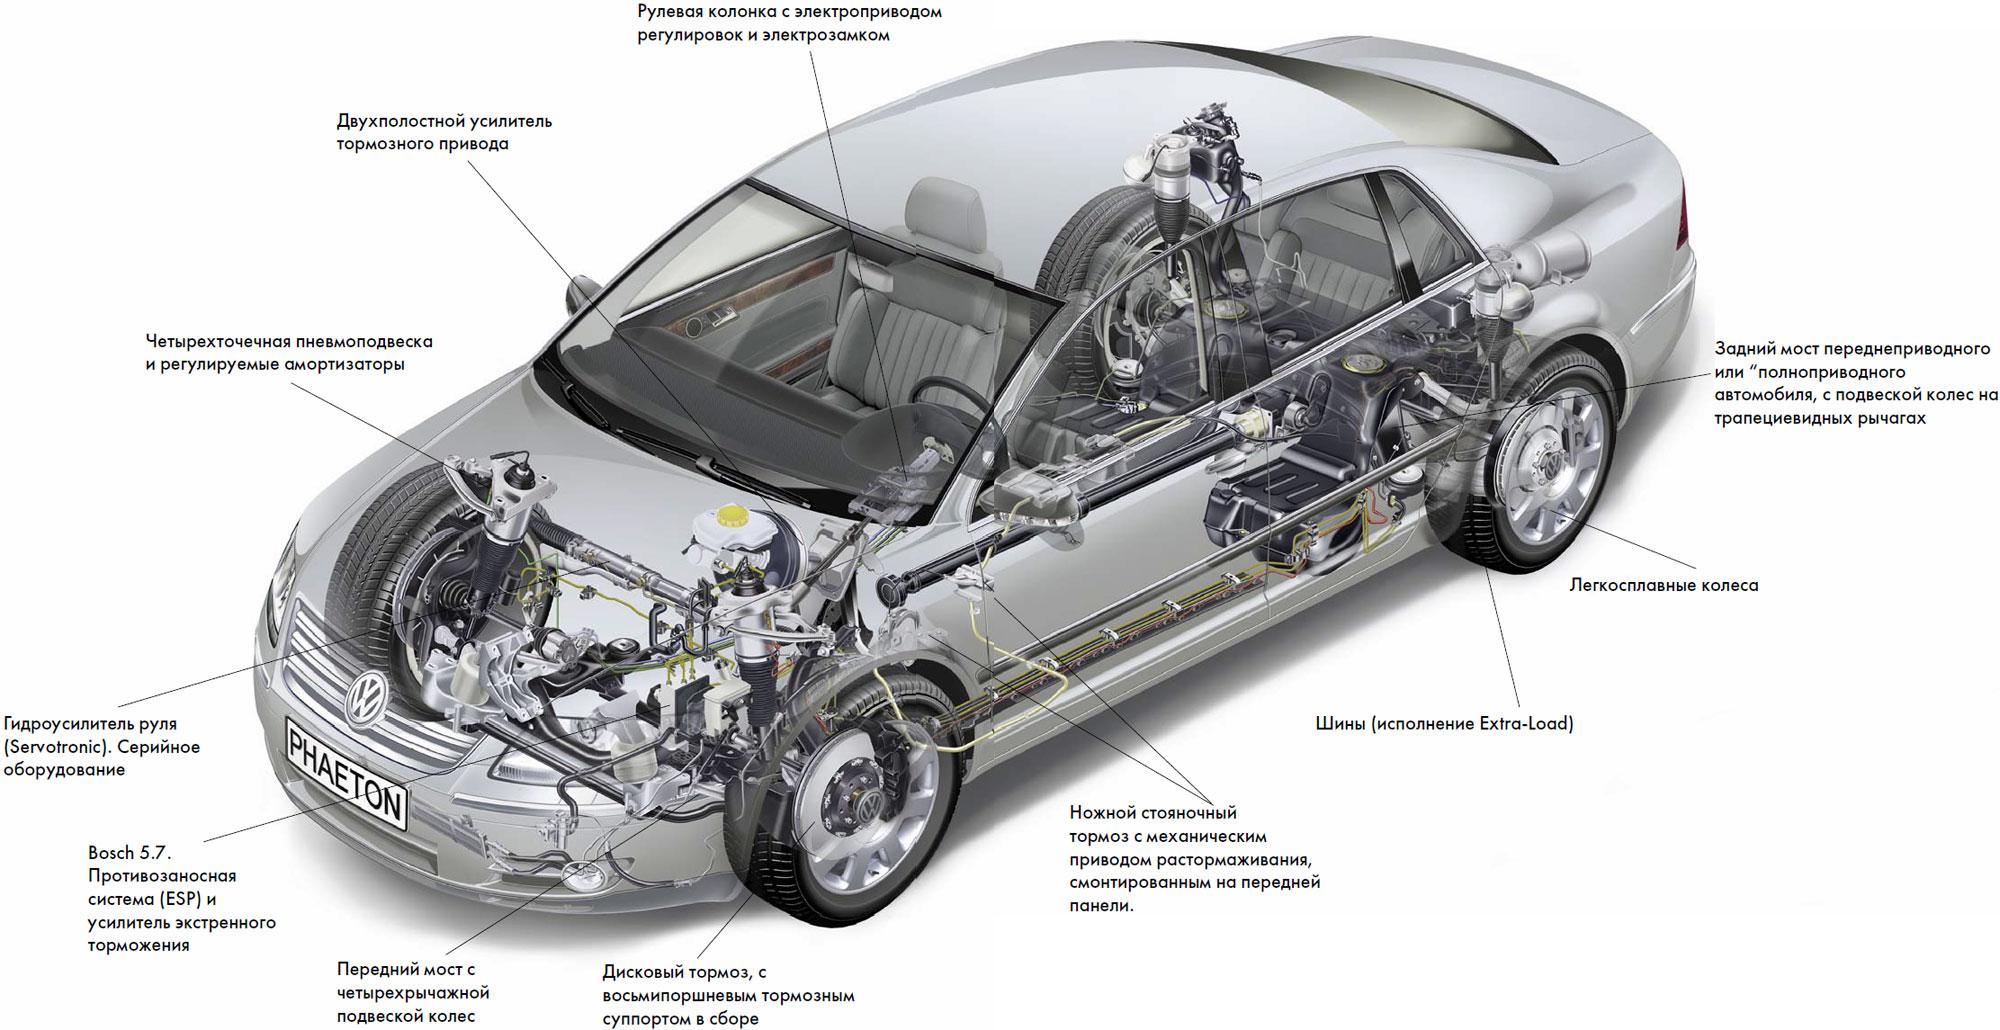 Элементы ходовой системы авто